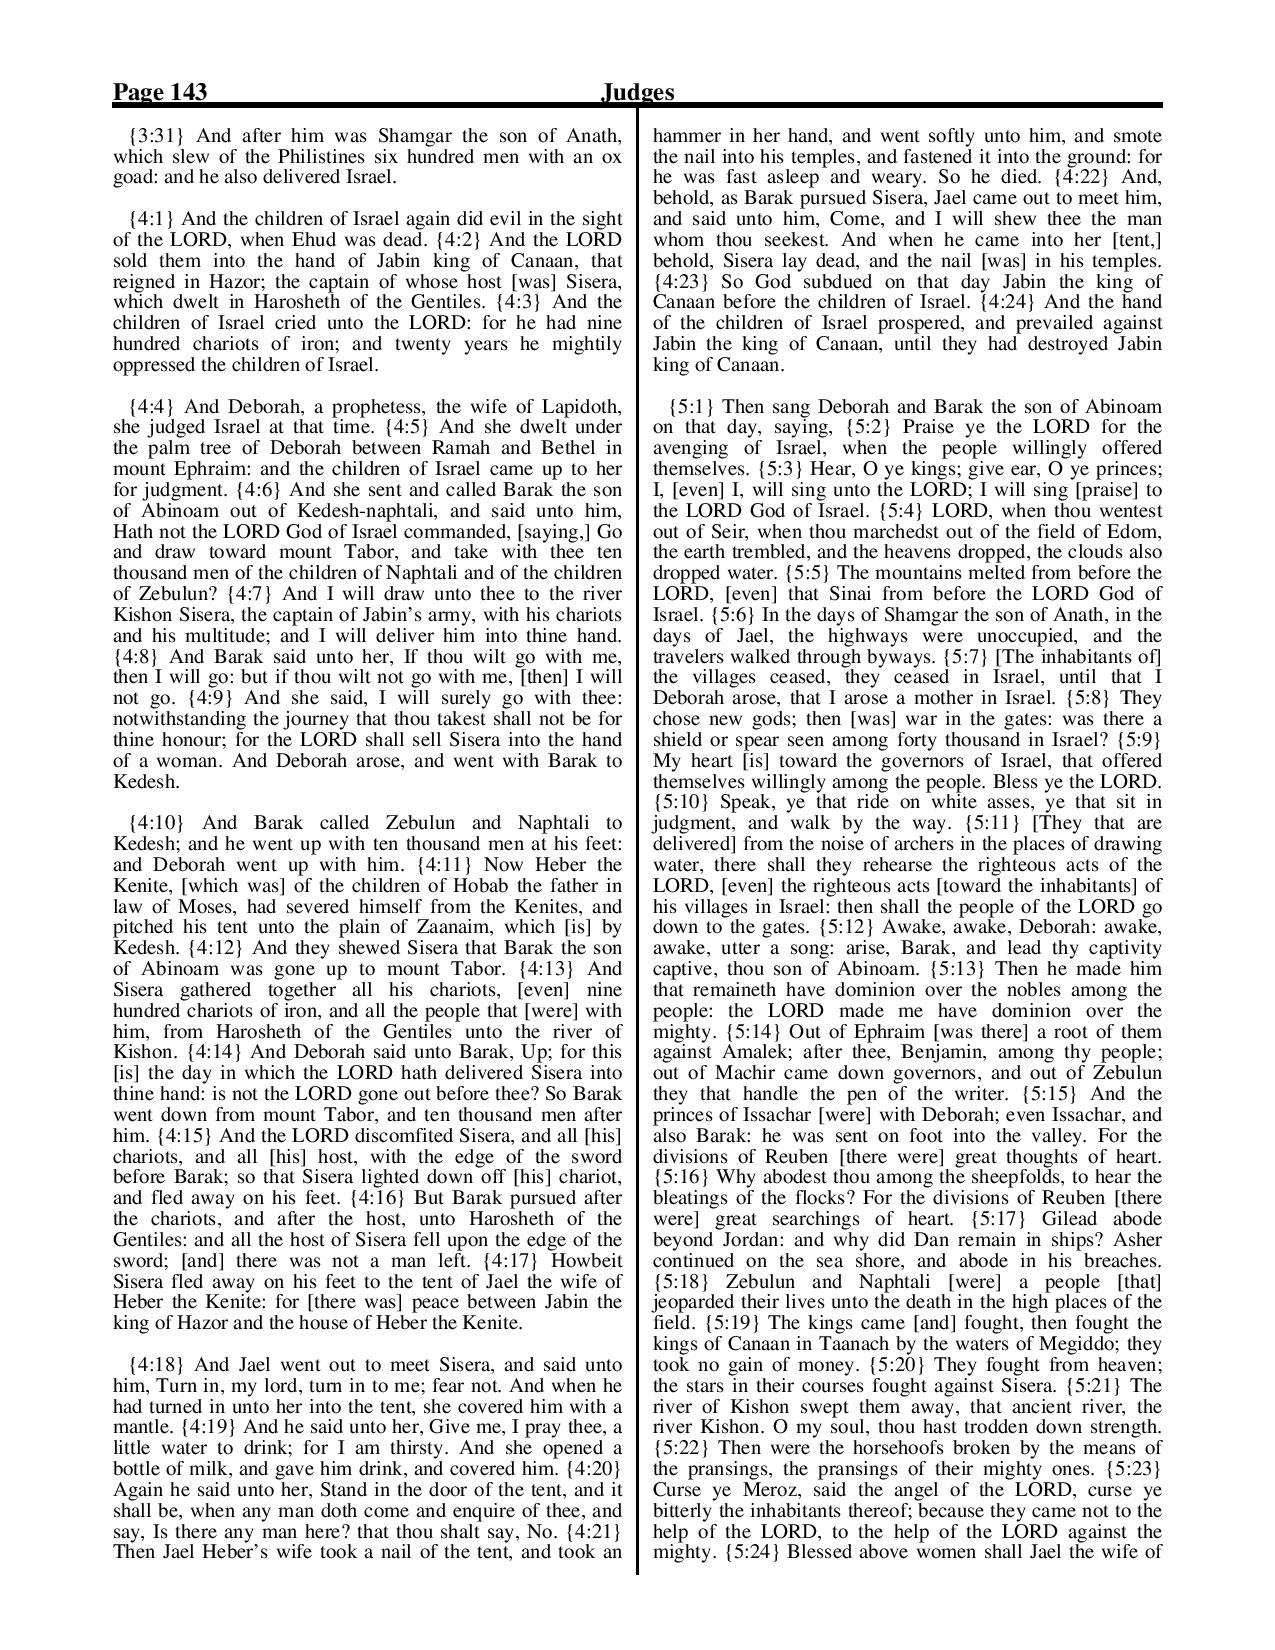 King-James-Bible-KJV-Bible-PDF-page-164